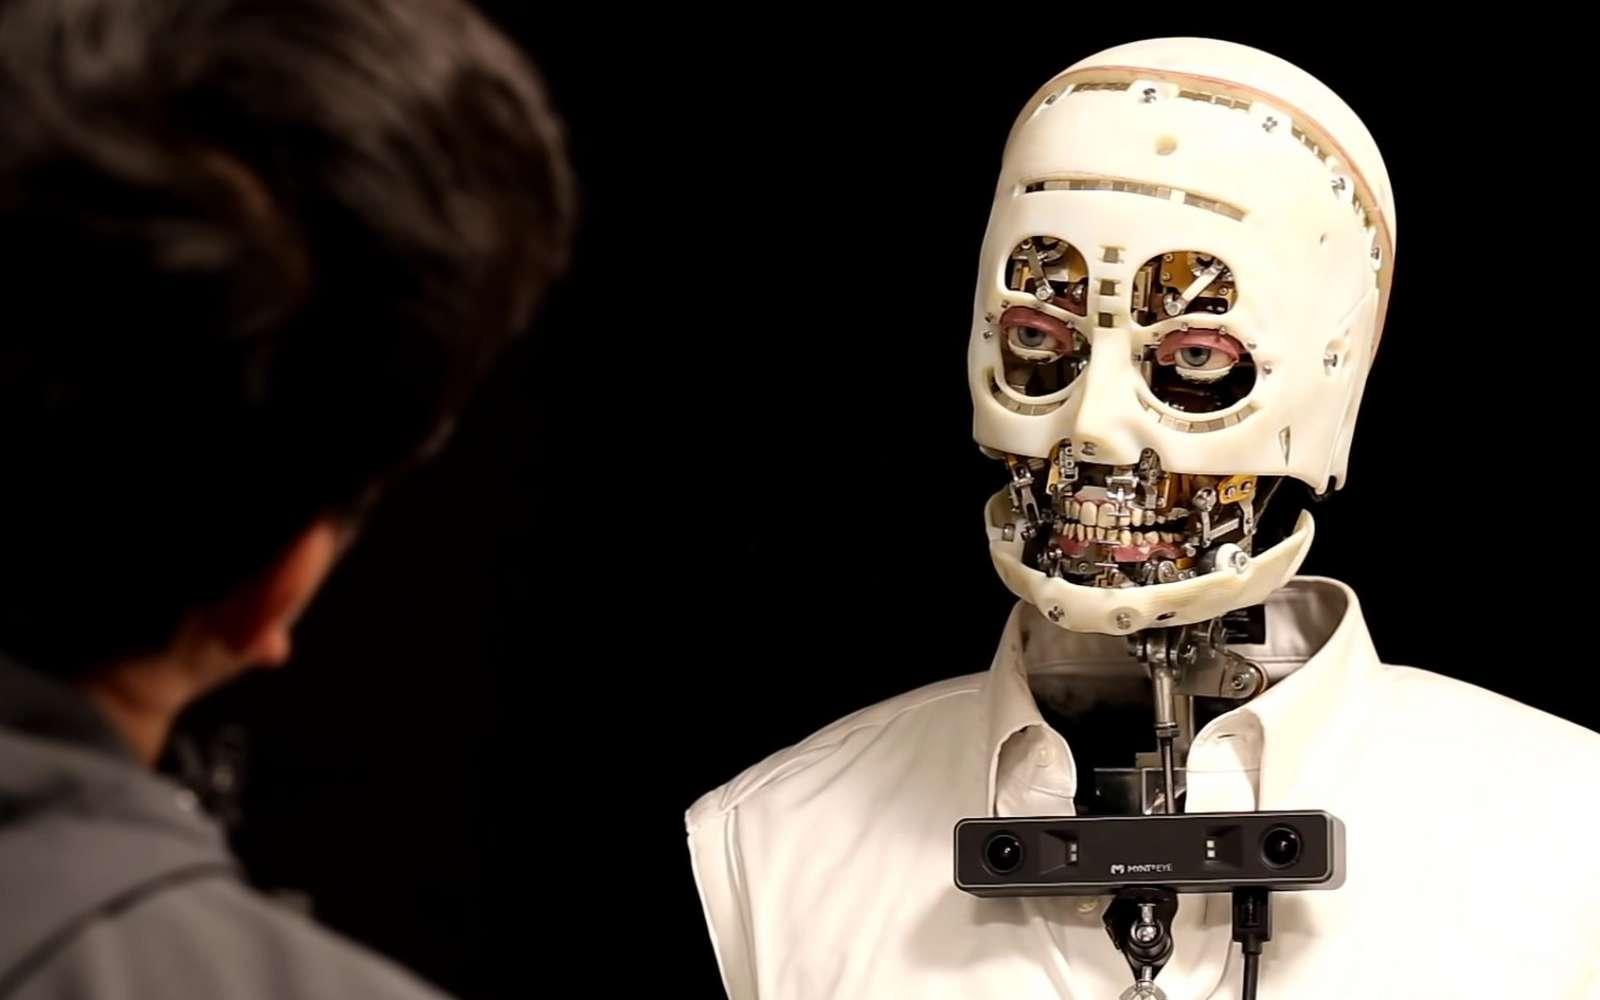 Des chercheurs de chez Disney ont créé un robot avec un regard extrêmement réaliste. © Disney